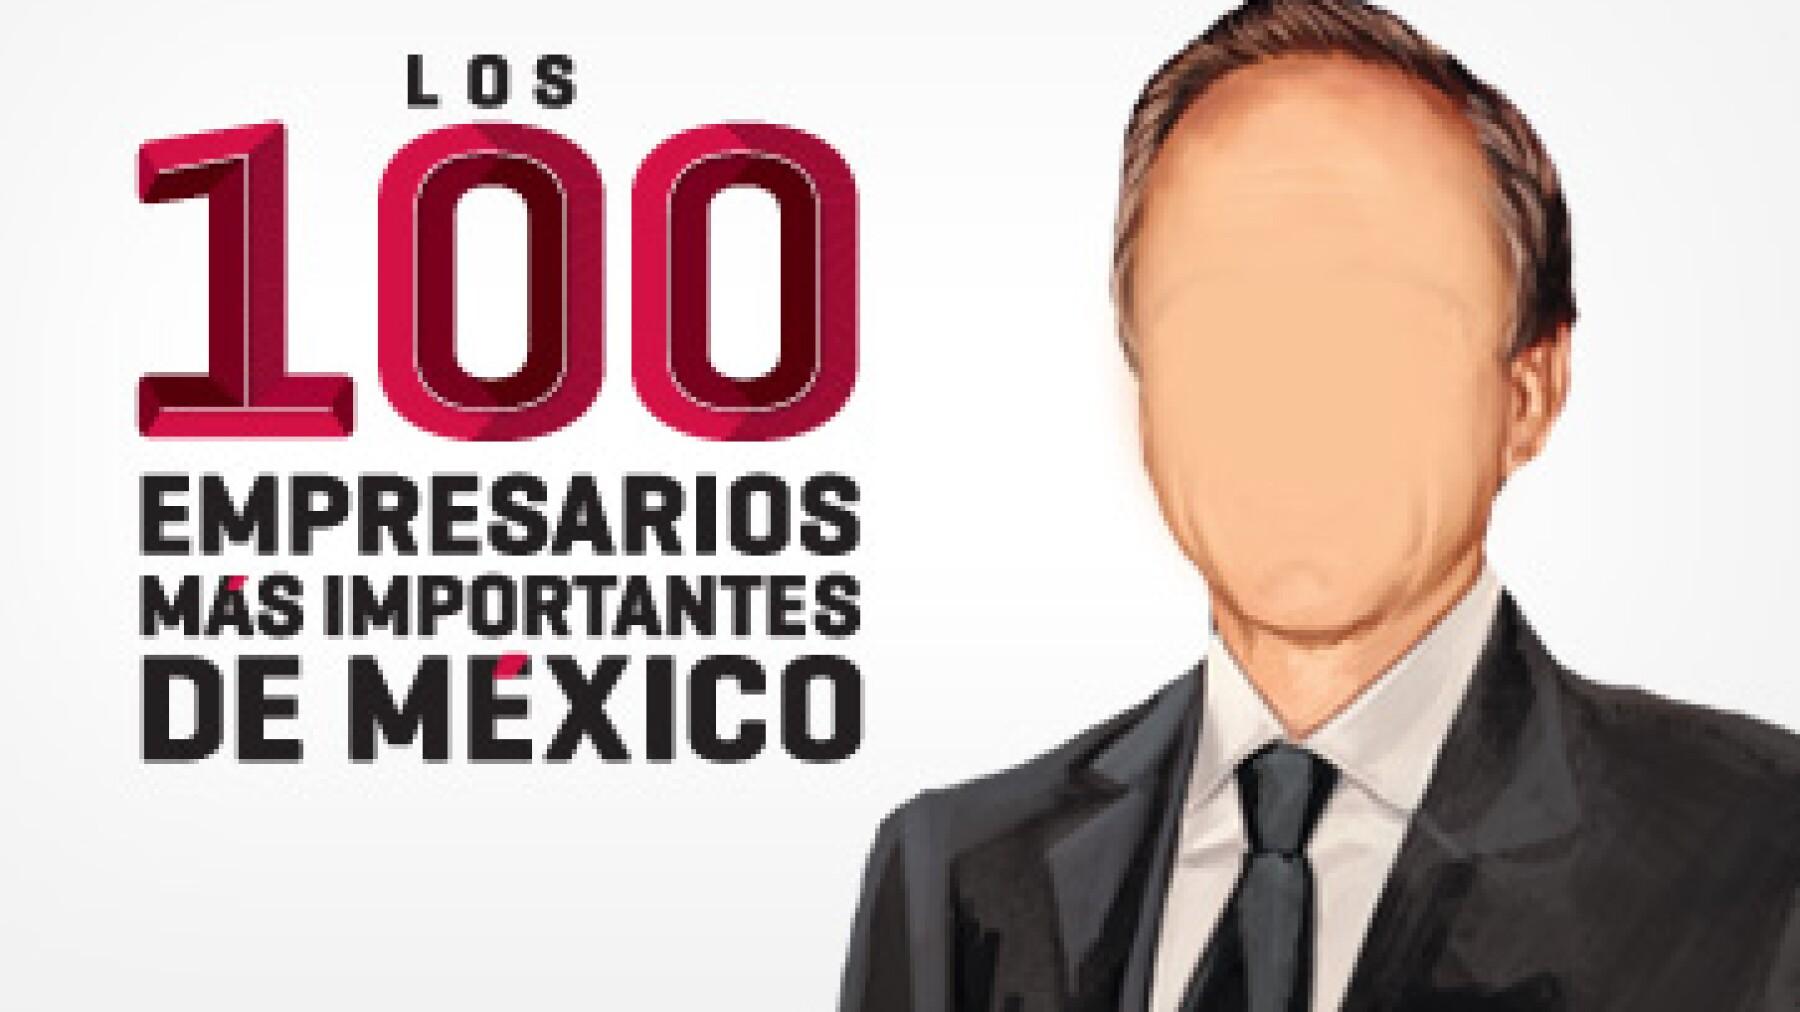 Gallardo Thurlow escaló 41 lugares, de la posición 67 a la 26 del ranking de 'Los 100 empresarios más importantes de México' de la revista Expansión. (Foto: Especial)